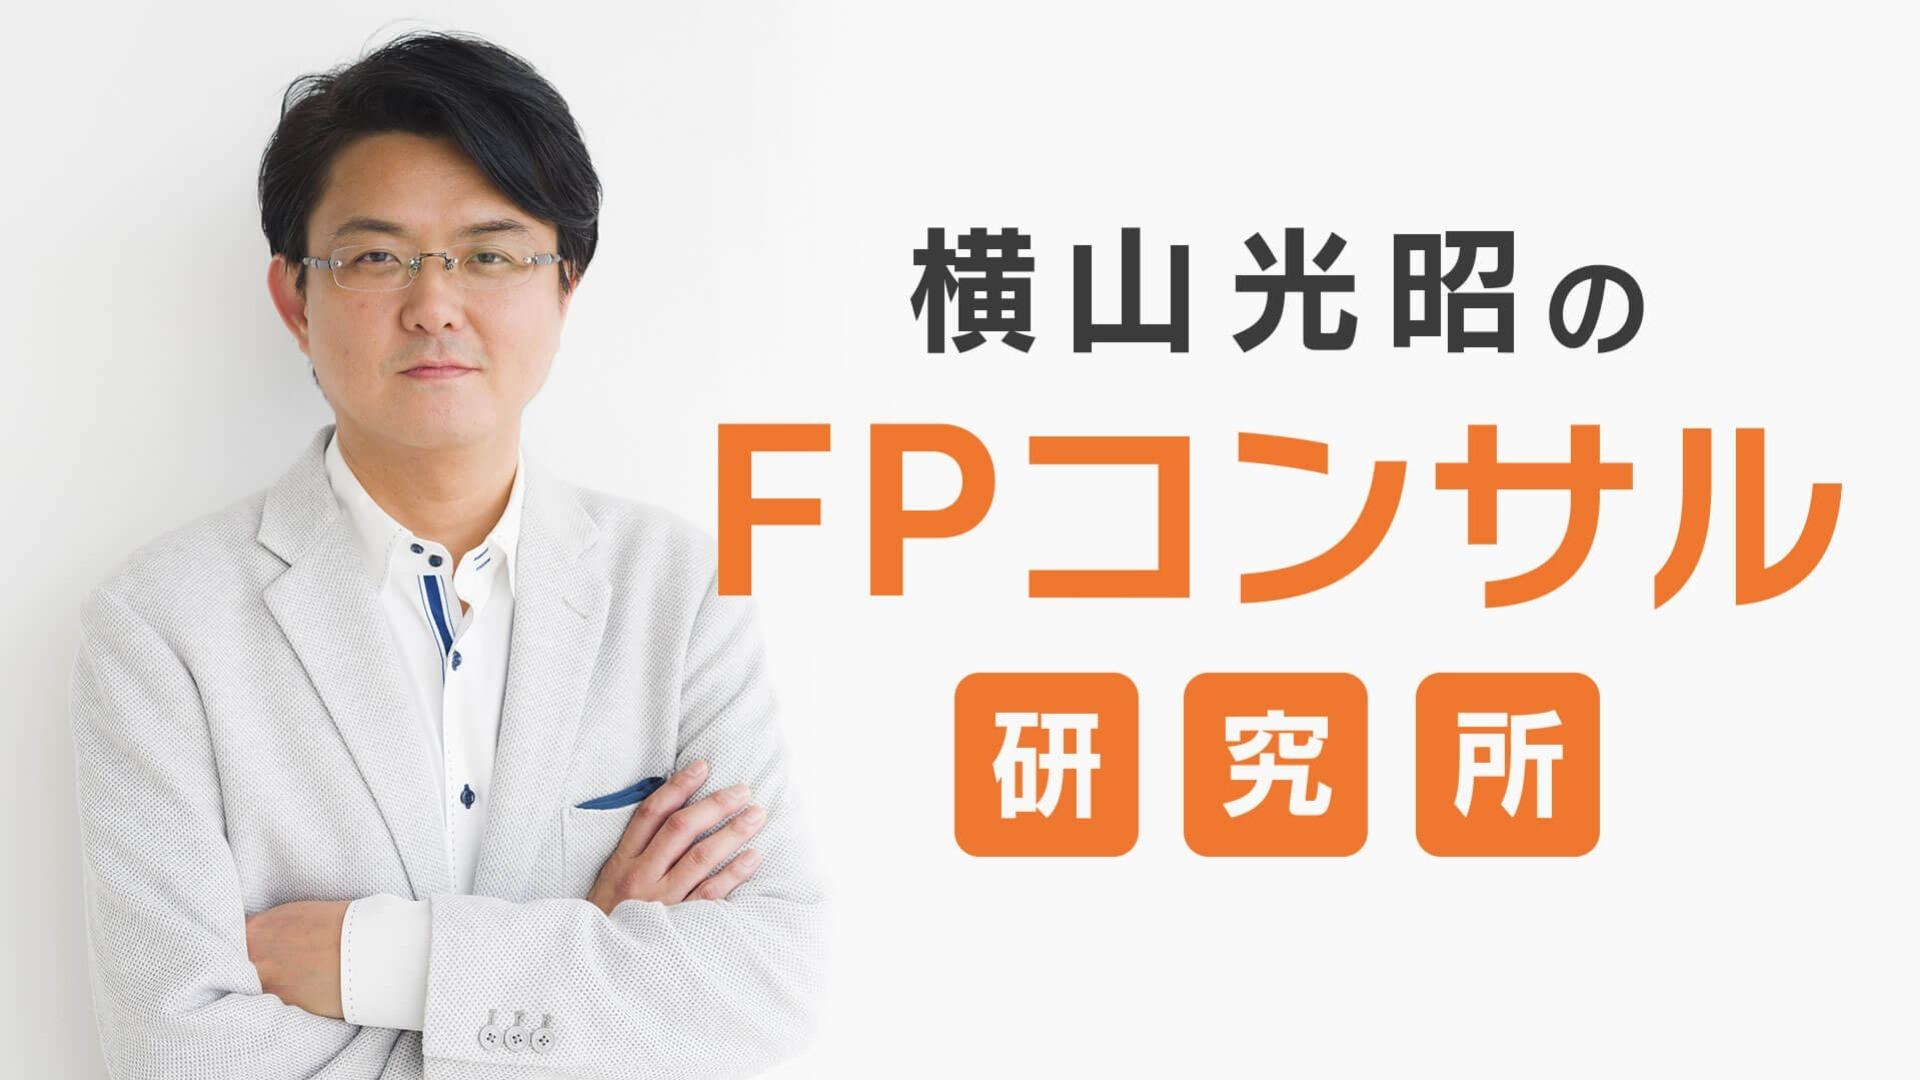 家計再生コンサルタント 横山光昭 - EPコンサル研究所 - DMM オンラインサロン